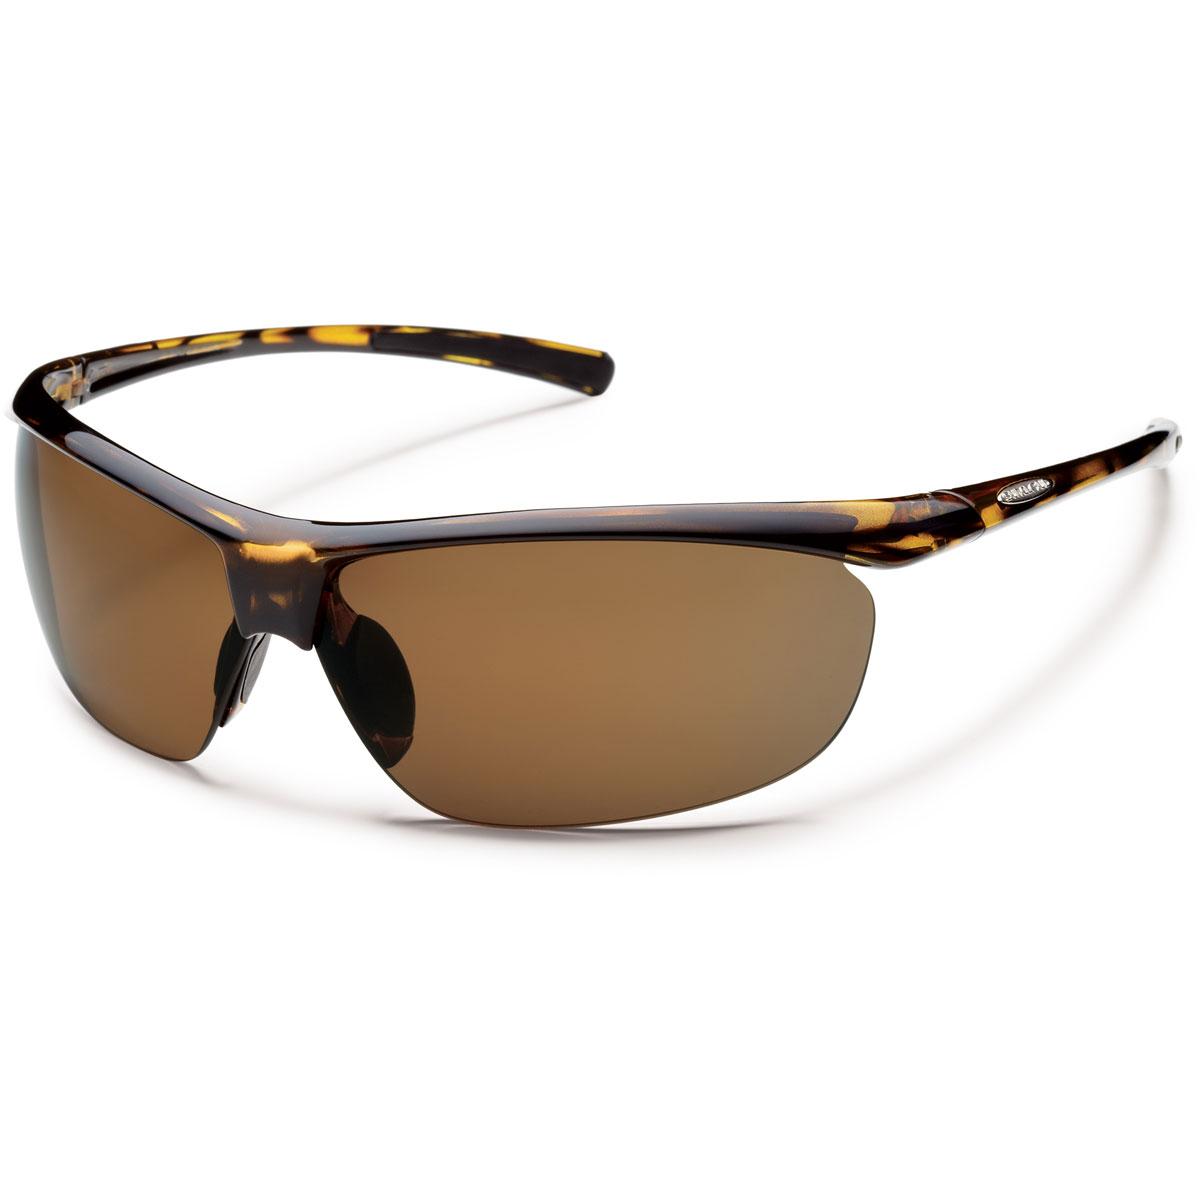 Suncloud Zephyr Polarized Sunglasses, , large, image 1